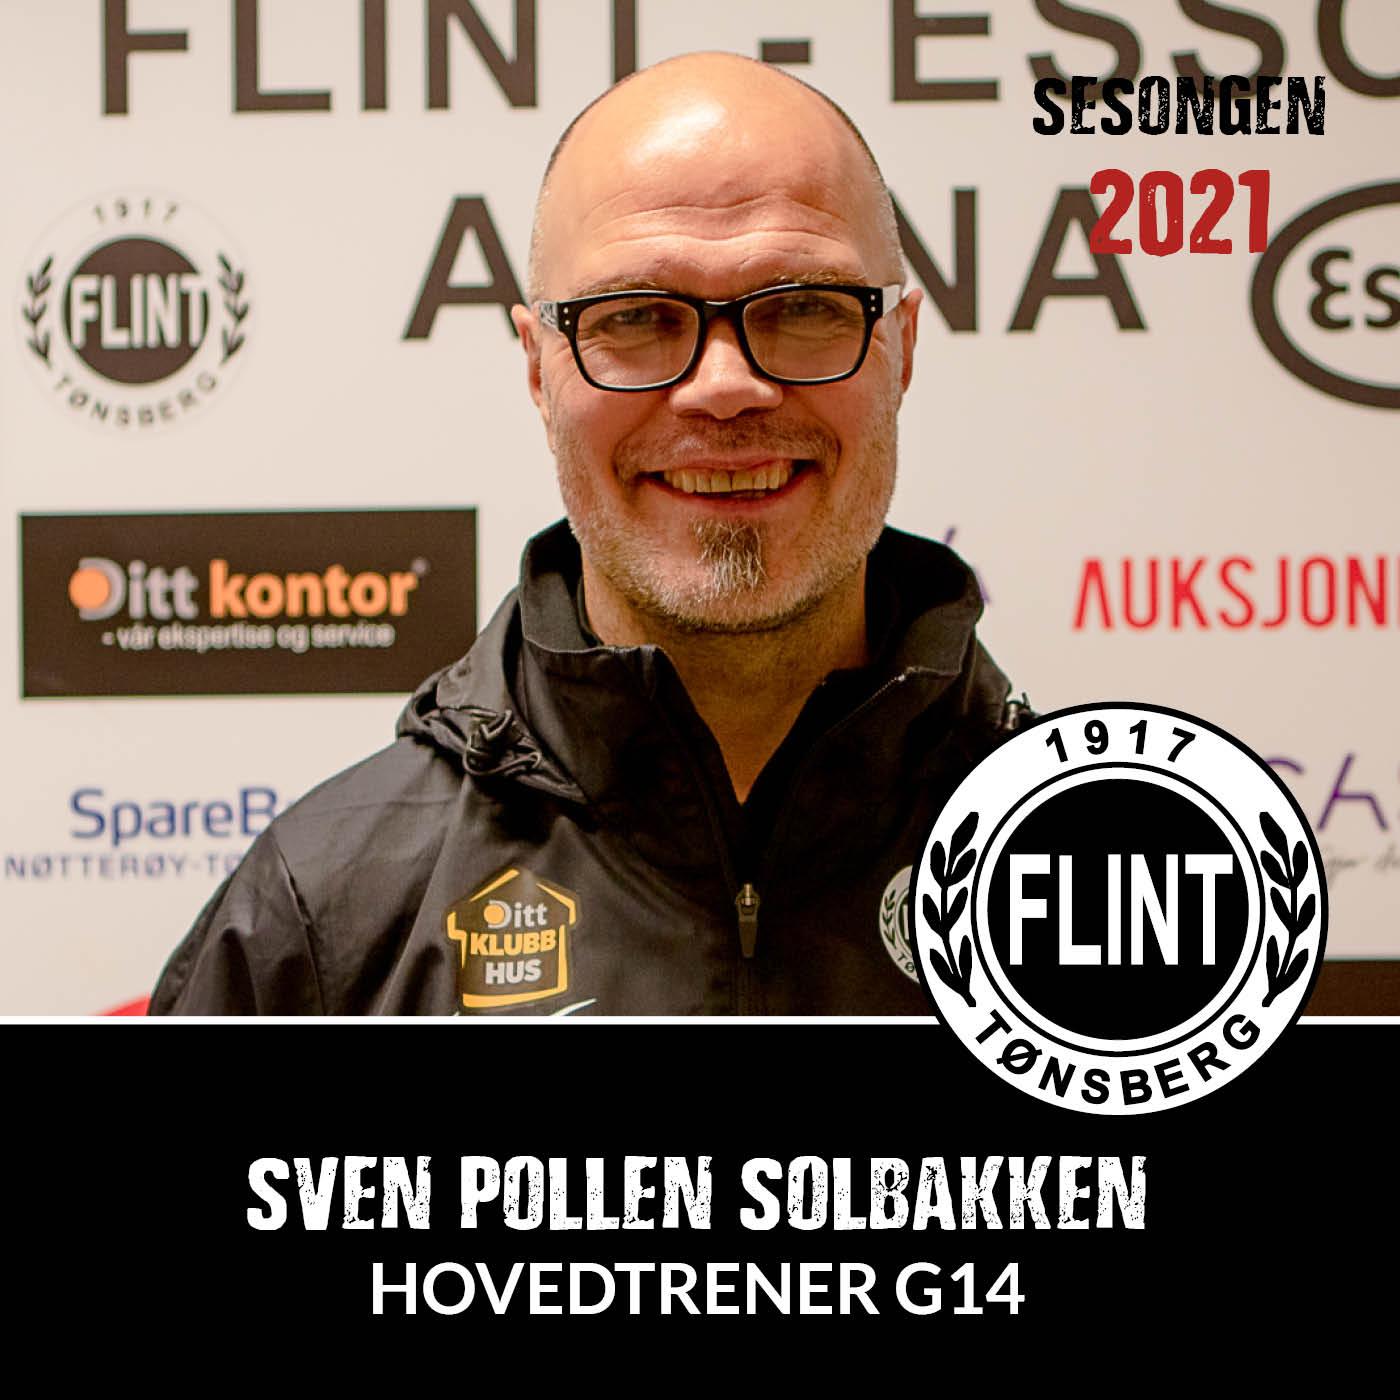 https://www.flintfotball.no/wp-content/uploads/2021/02/Trener-Sven-Pollen-Solbakken.jpg